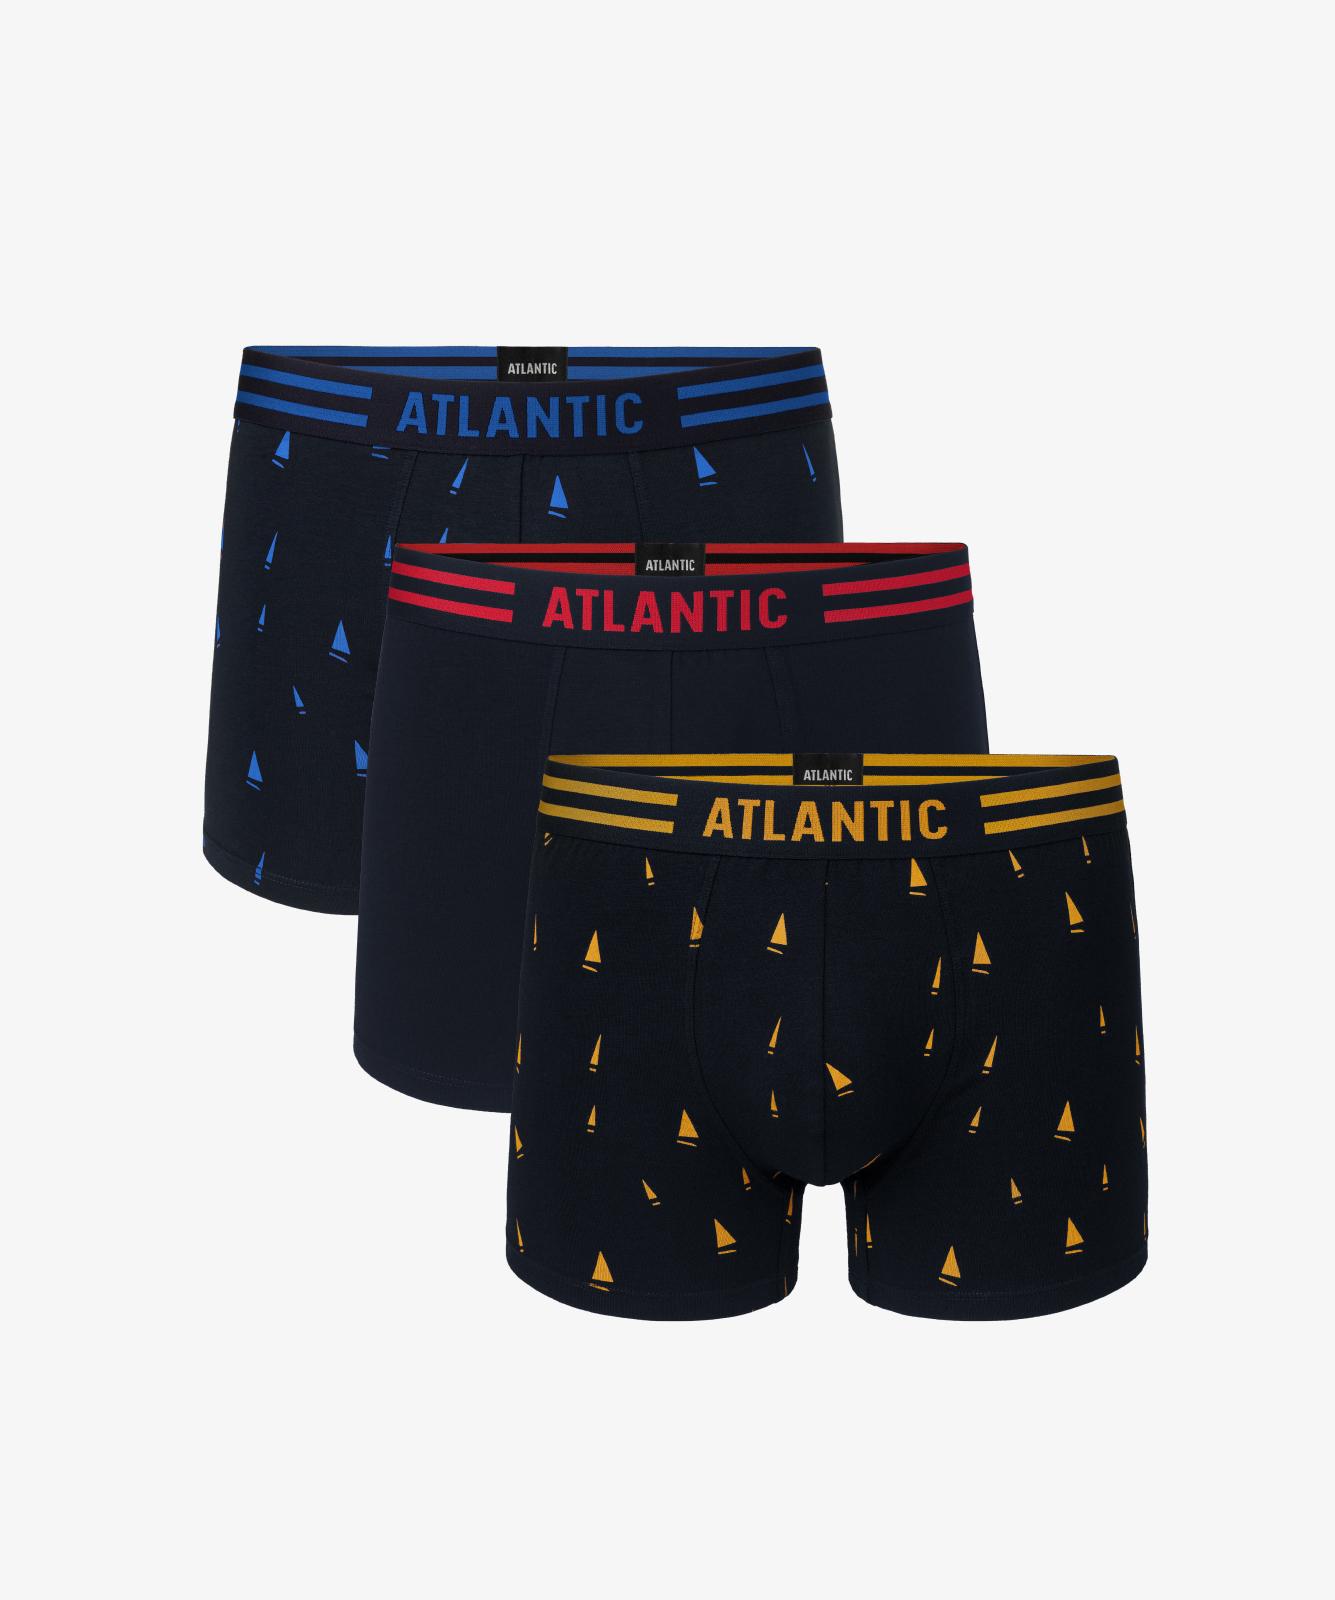 Мужские трусы шорты Atlantic, набор из 3 шт., хлопок, темно-синие, 3MH-021